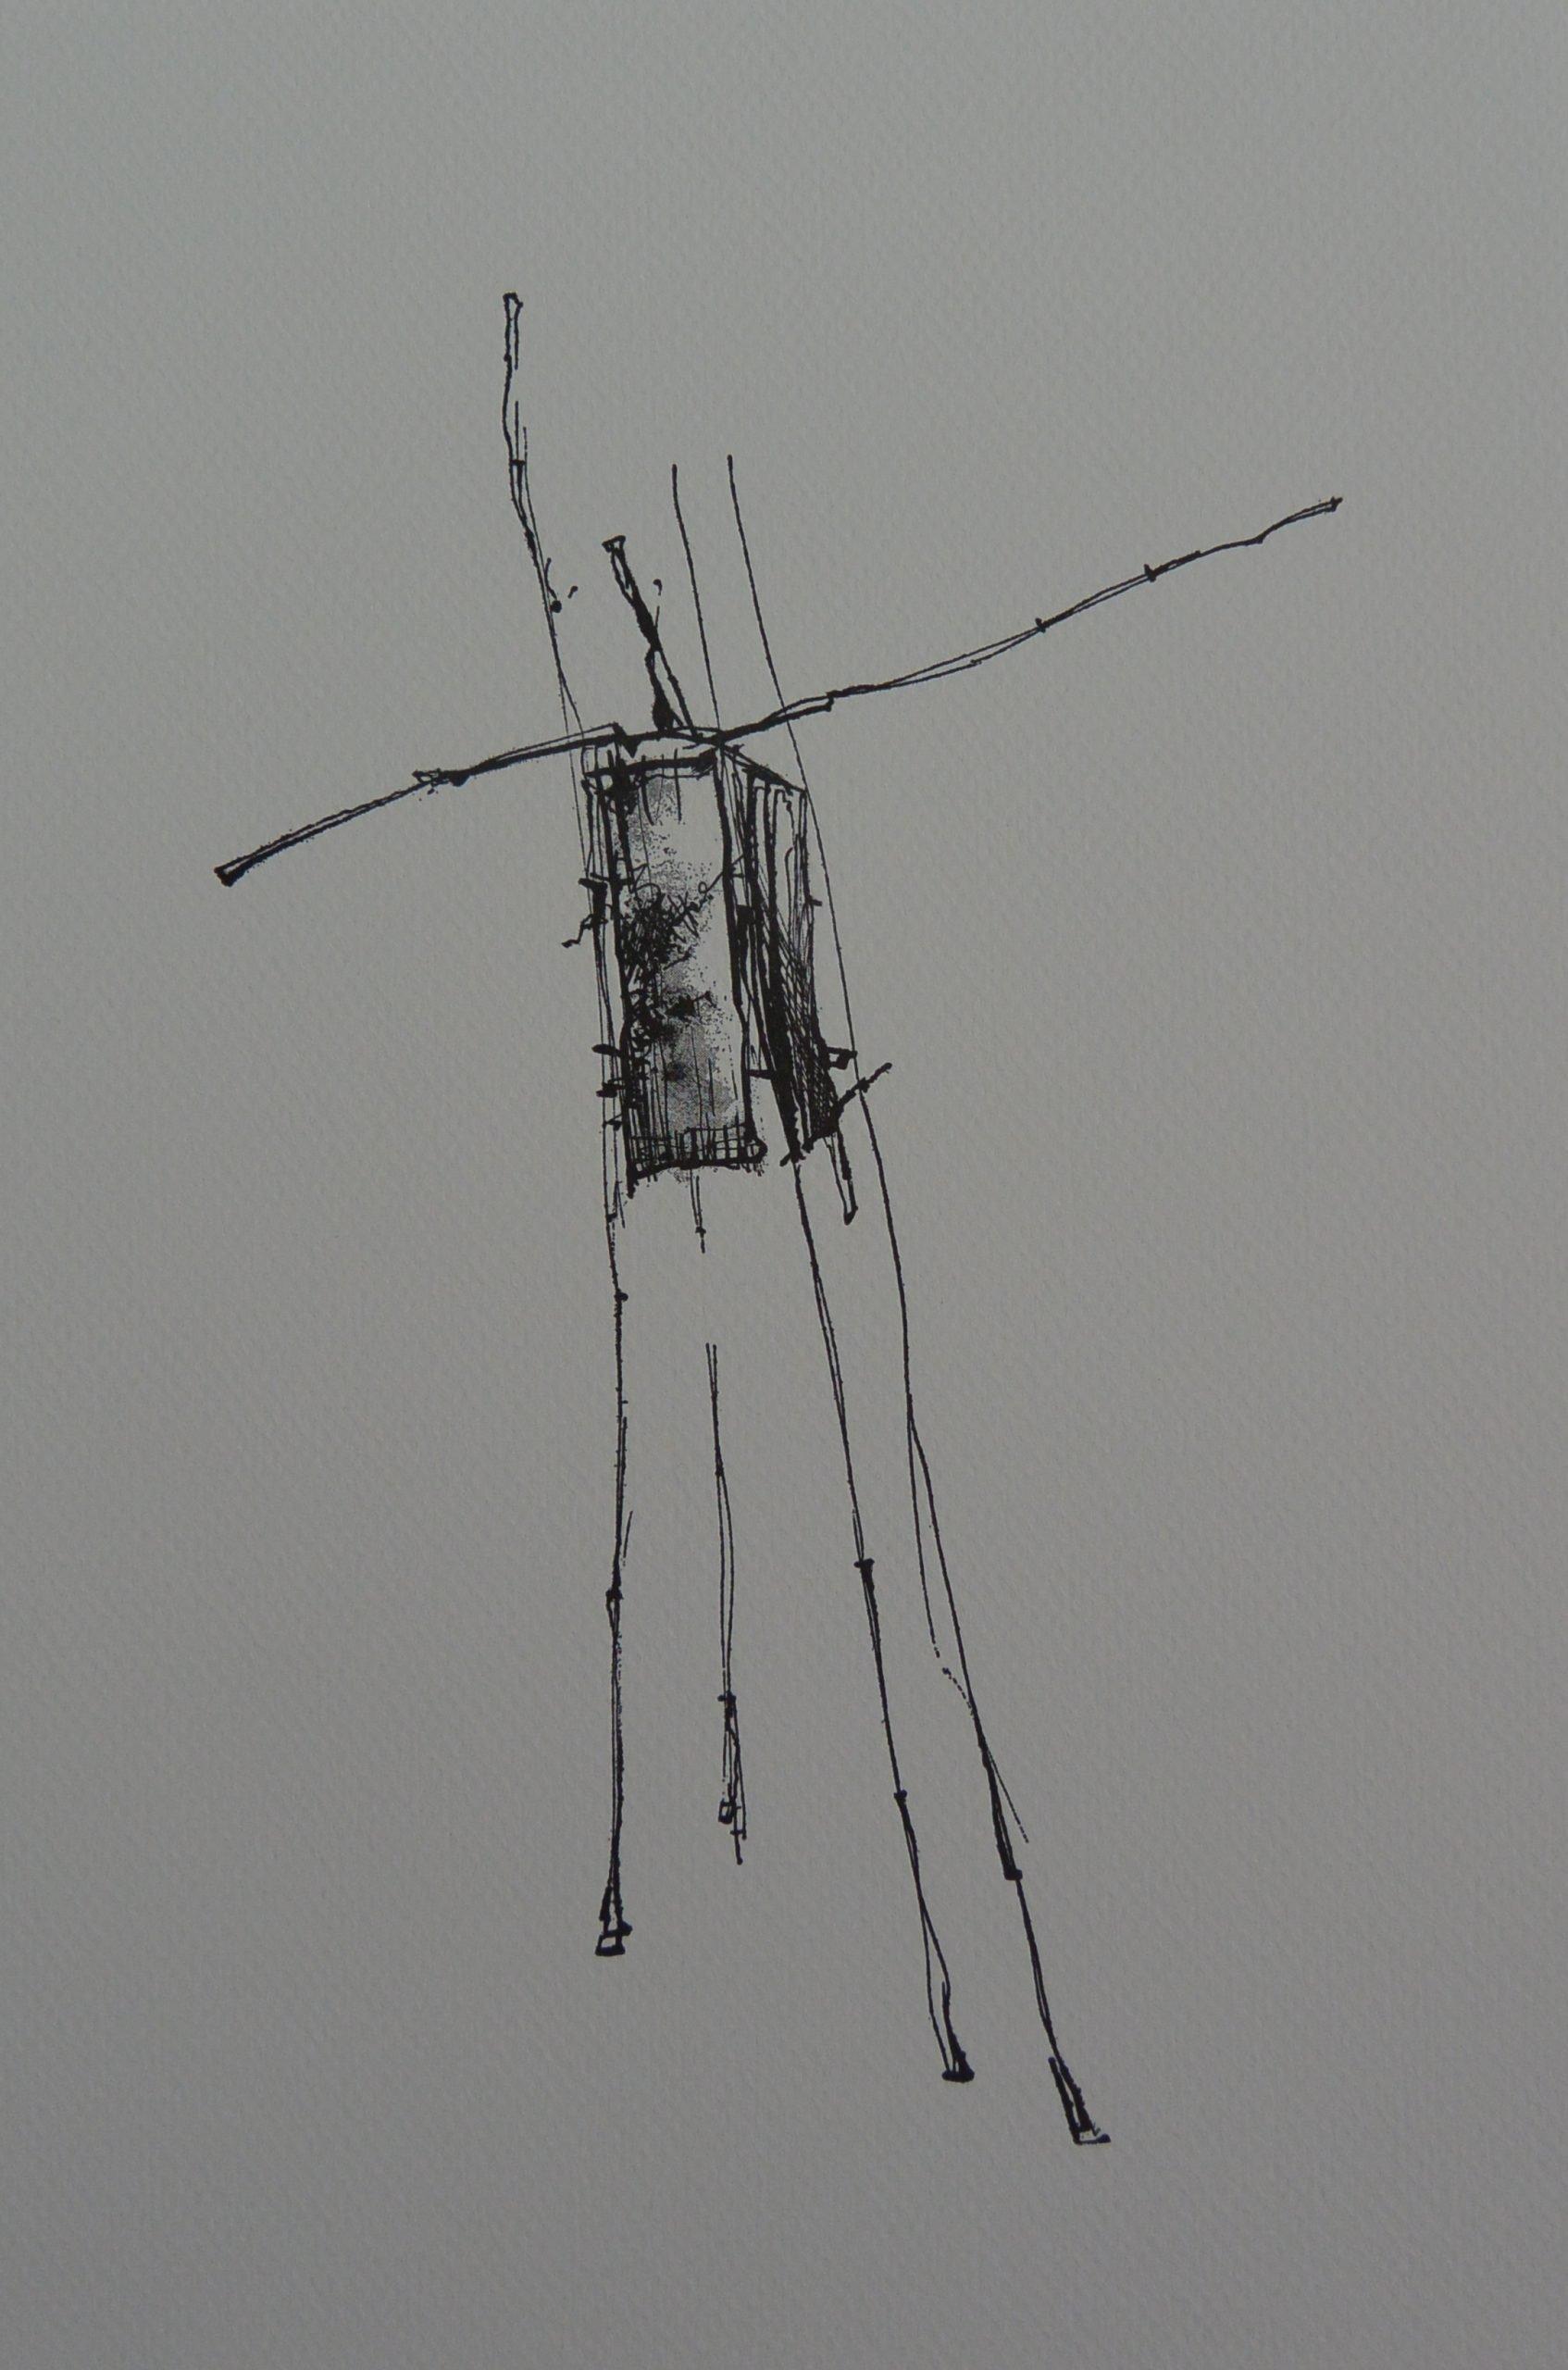 J.S-004 Jan Steen, compositie 1